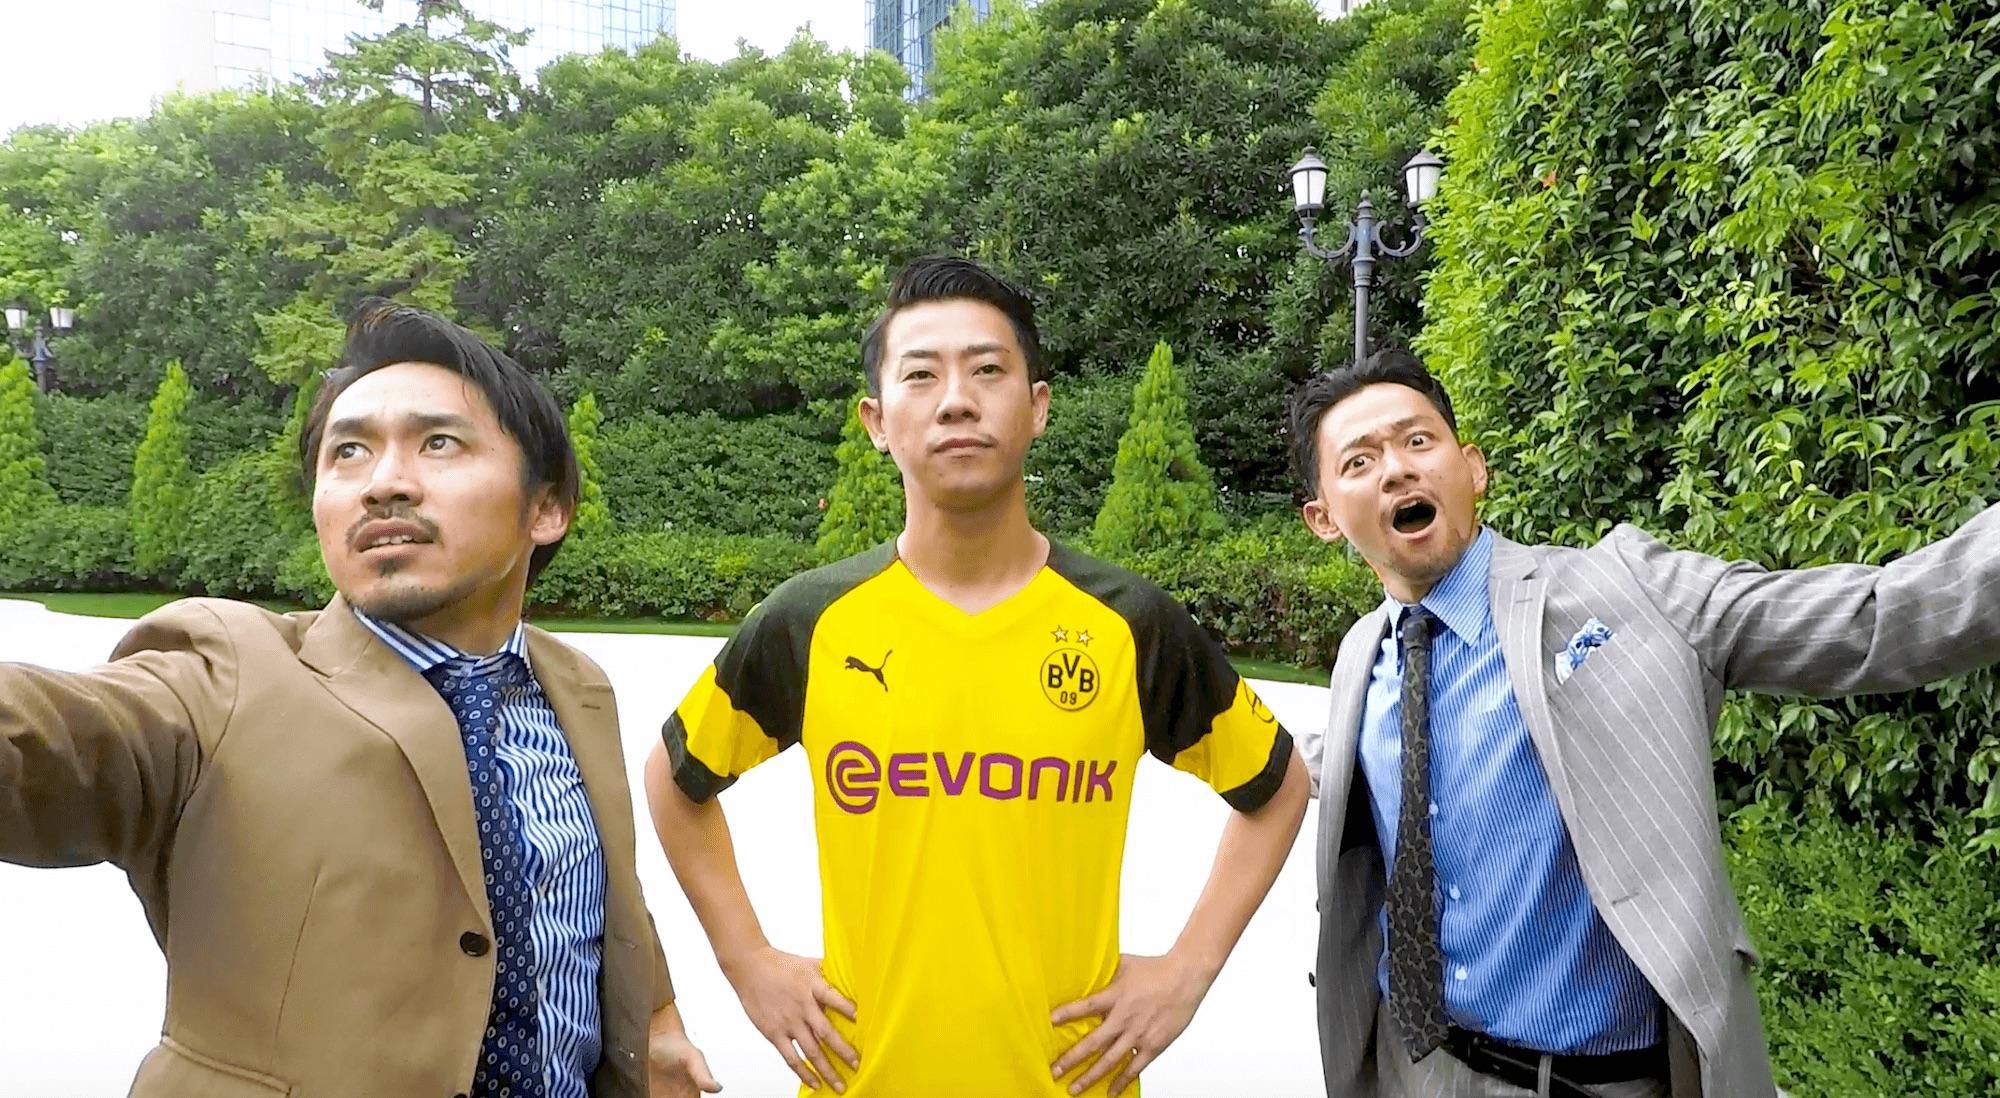 香川選手にパッと見似てる!? C&K、自身が歌うドラマ「サバイバル・ウェディング」主題歌ダンス動画で山根和馬と謎のコラボ